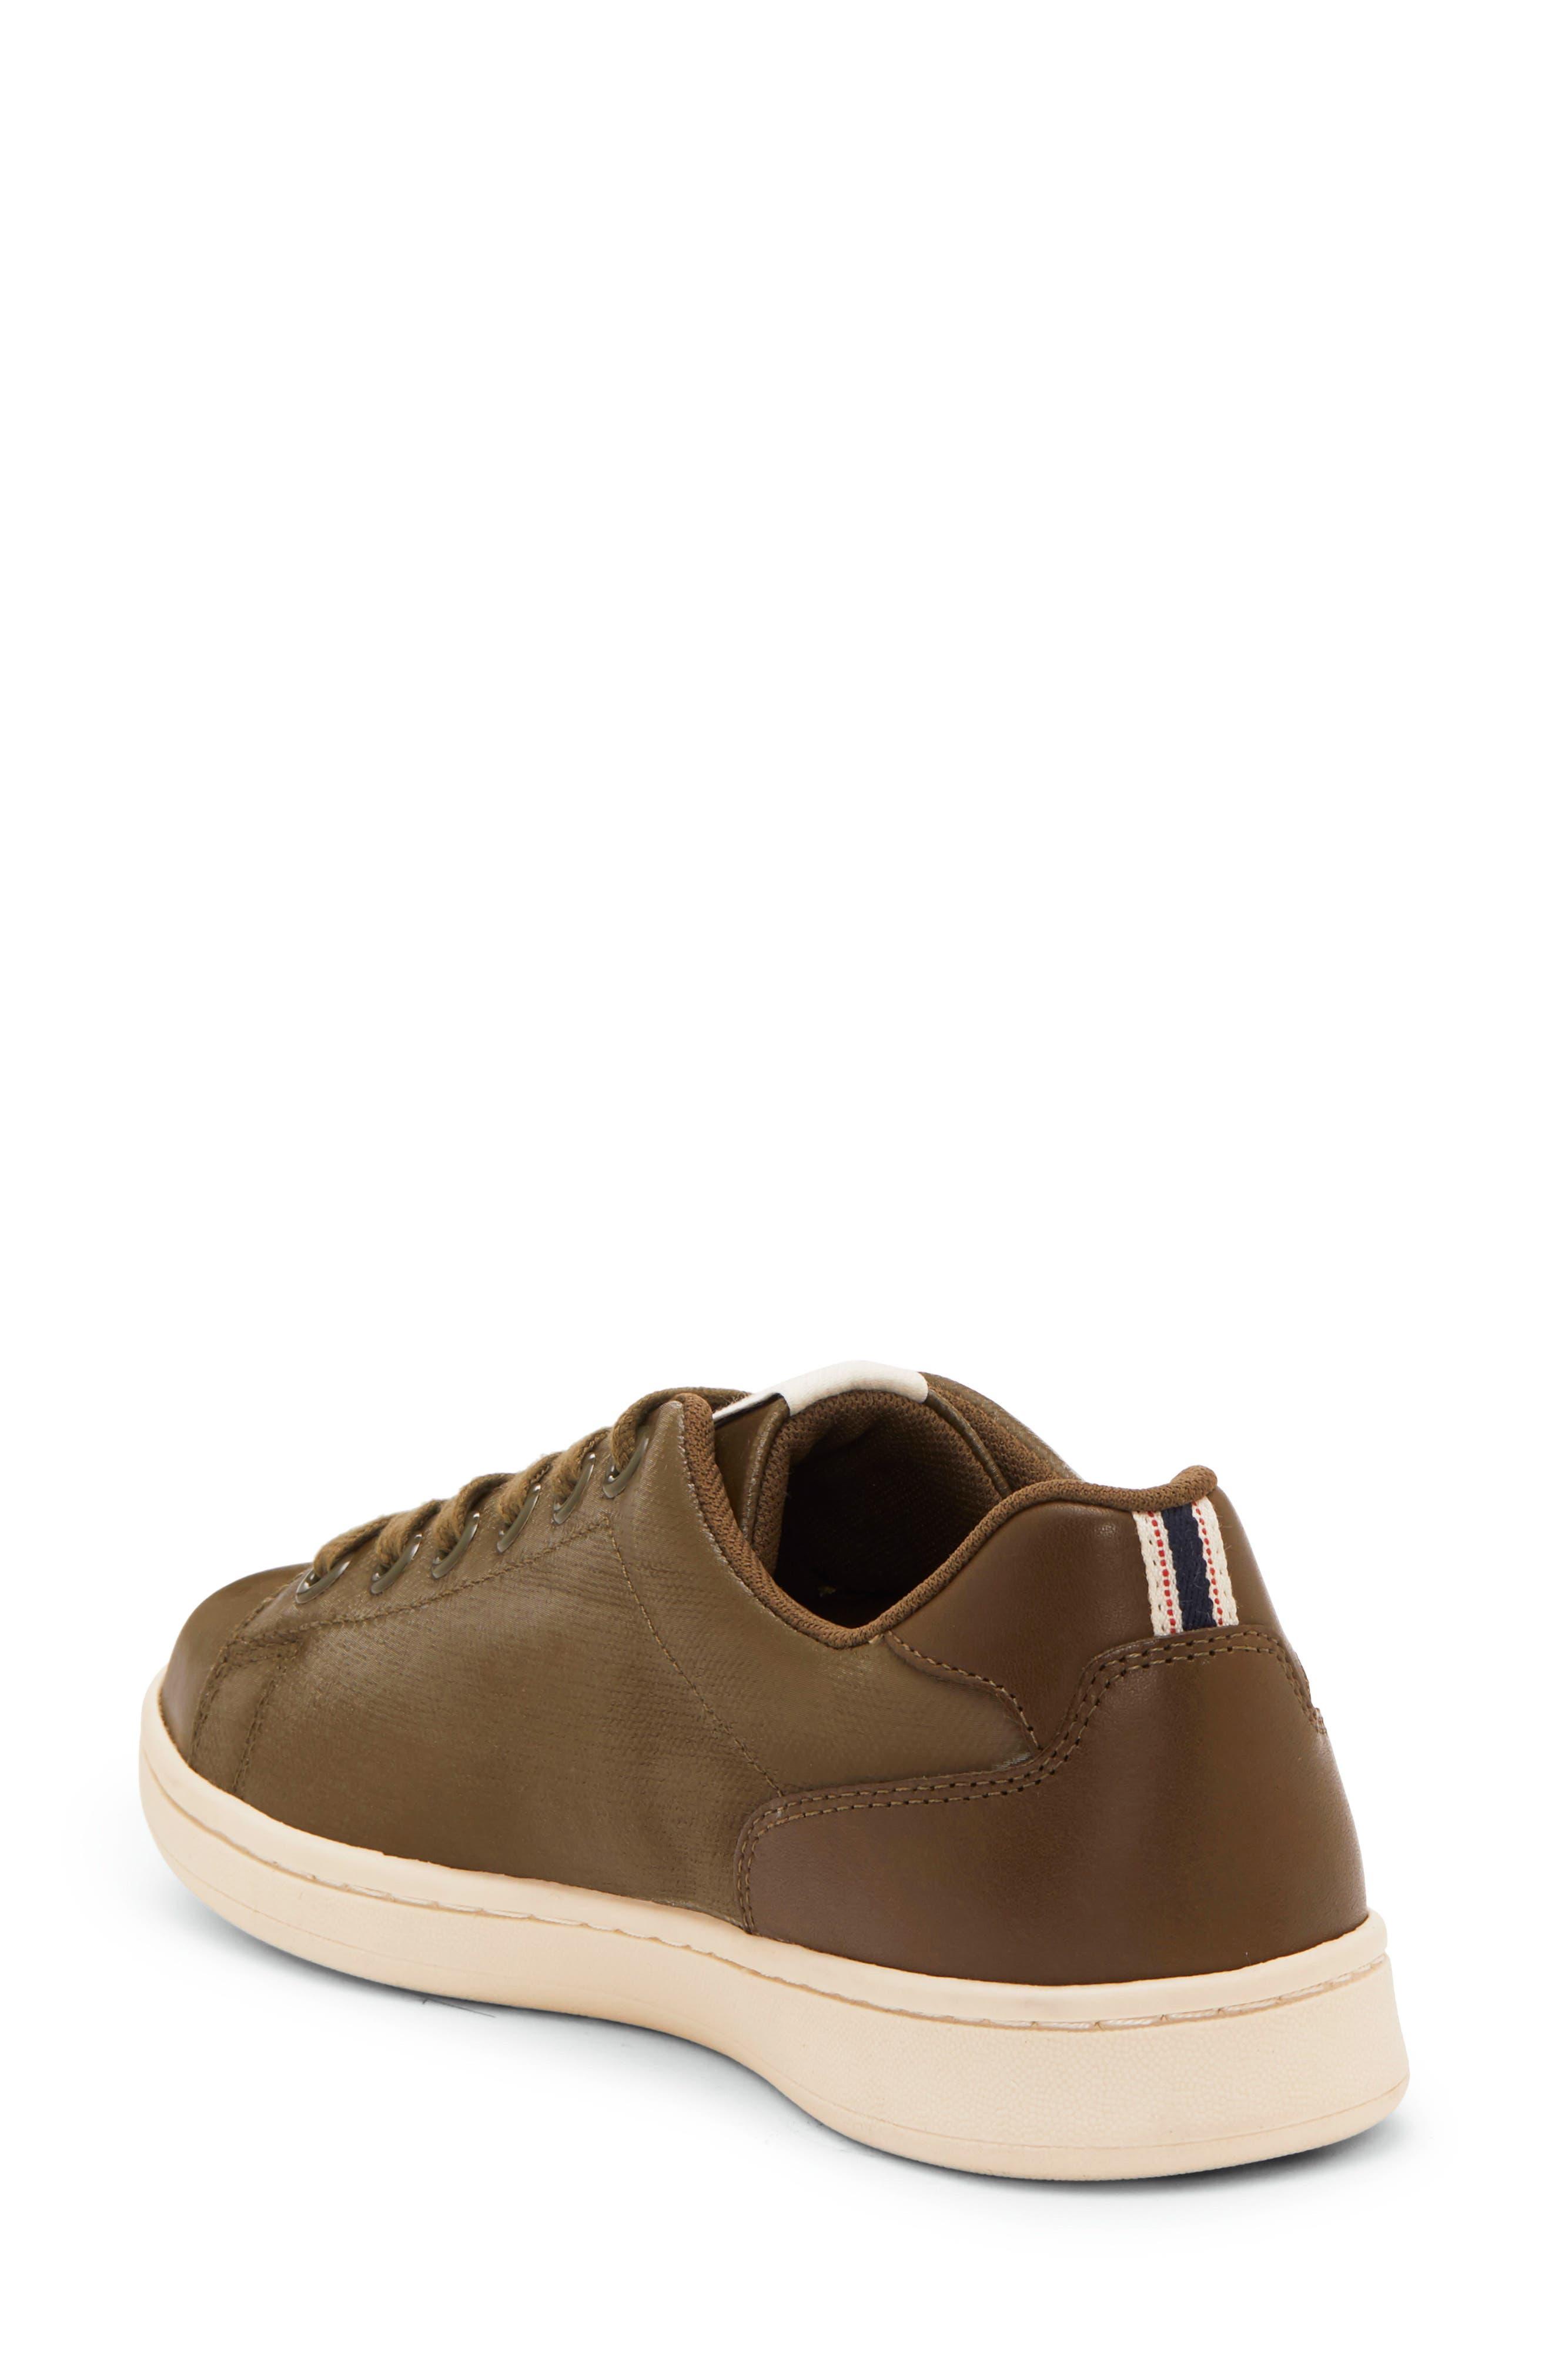 bf772d32c8e Women s ED Ellen Degeneres Shoes